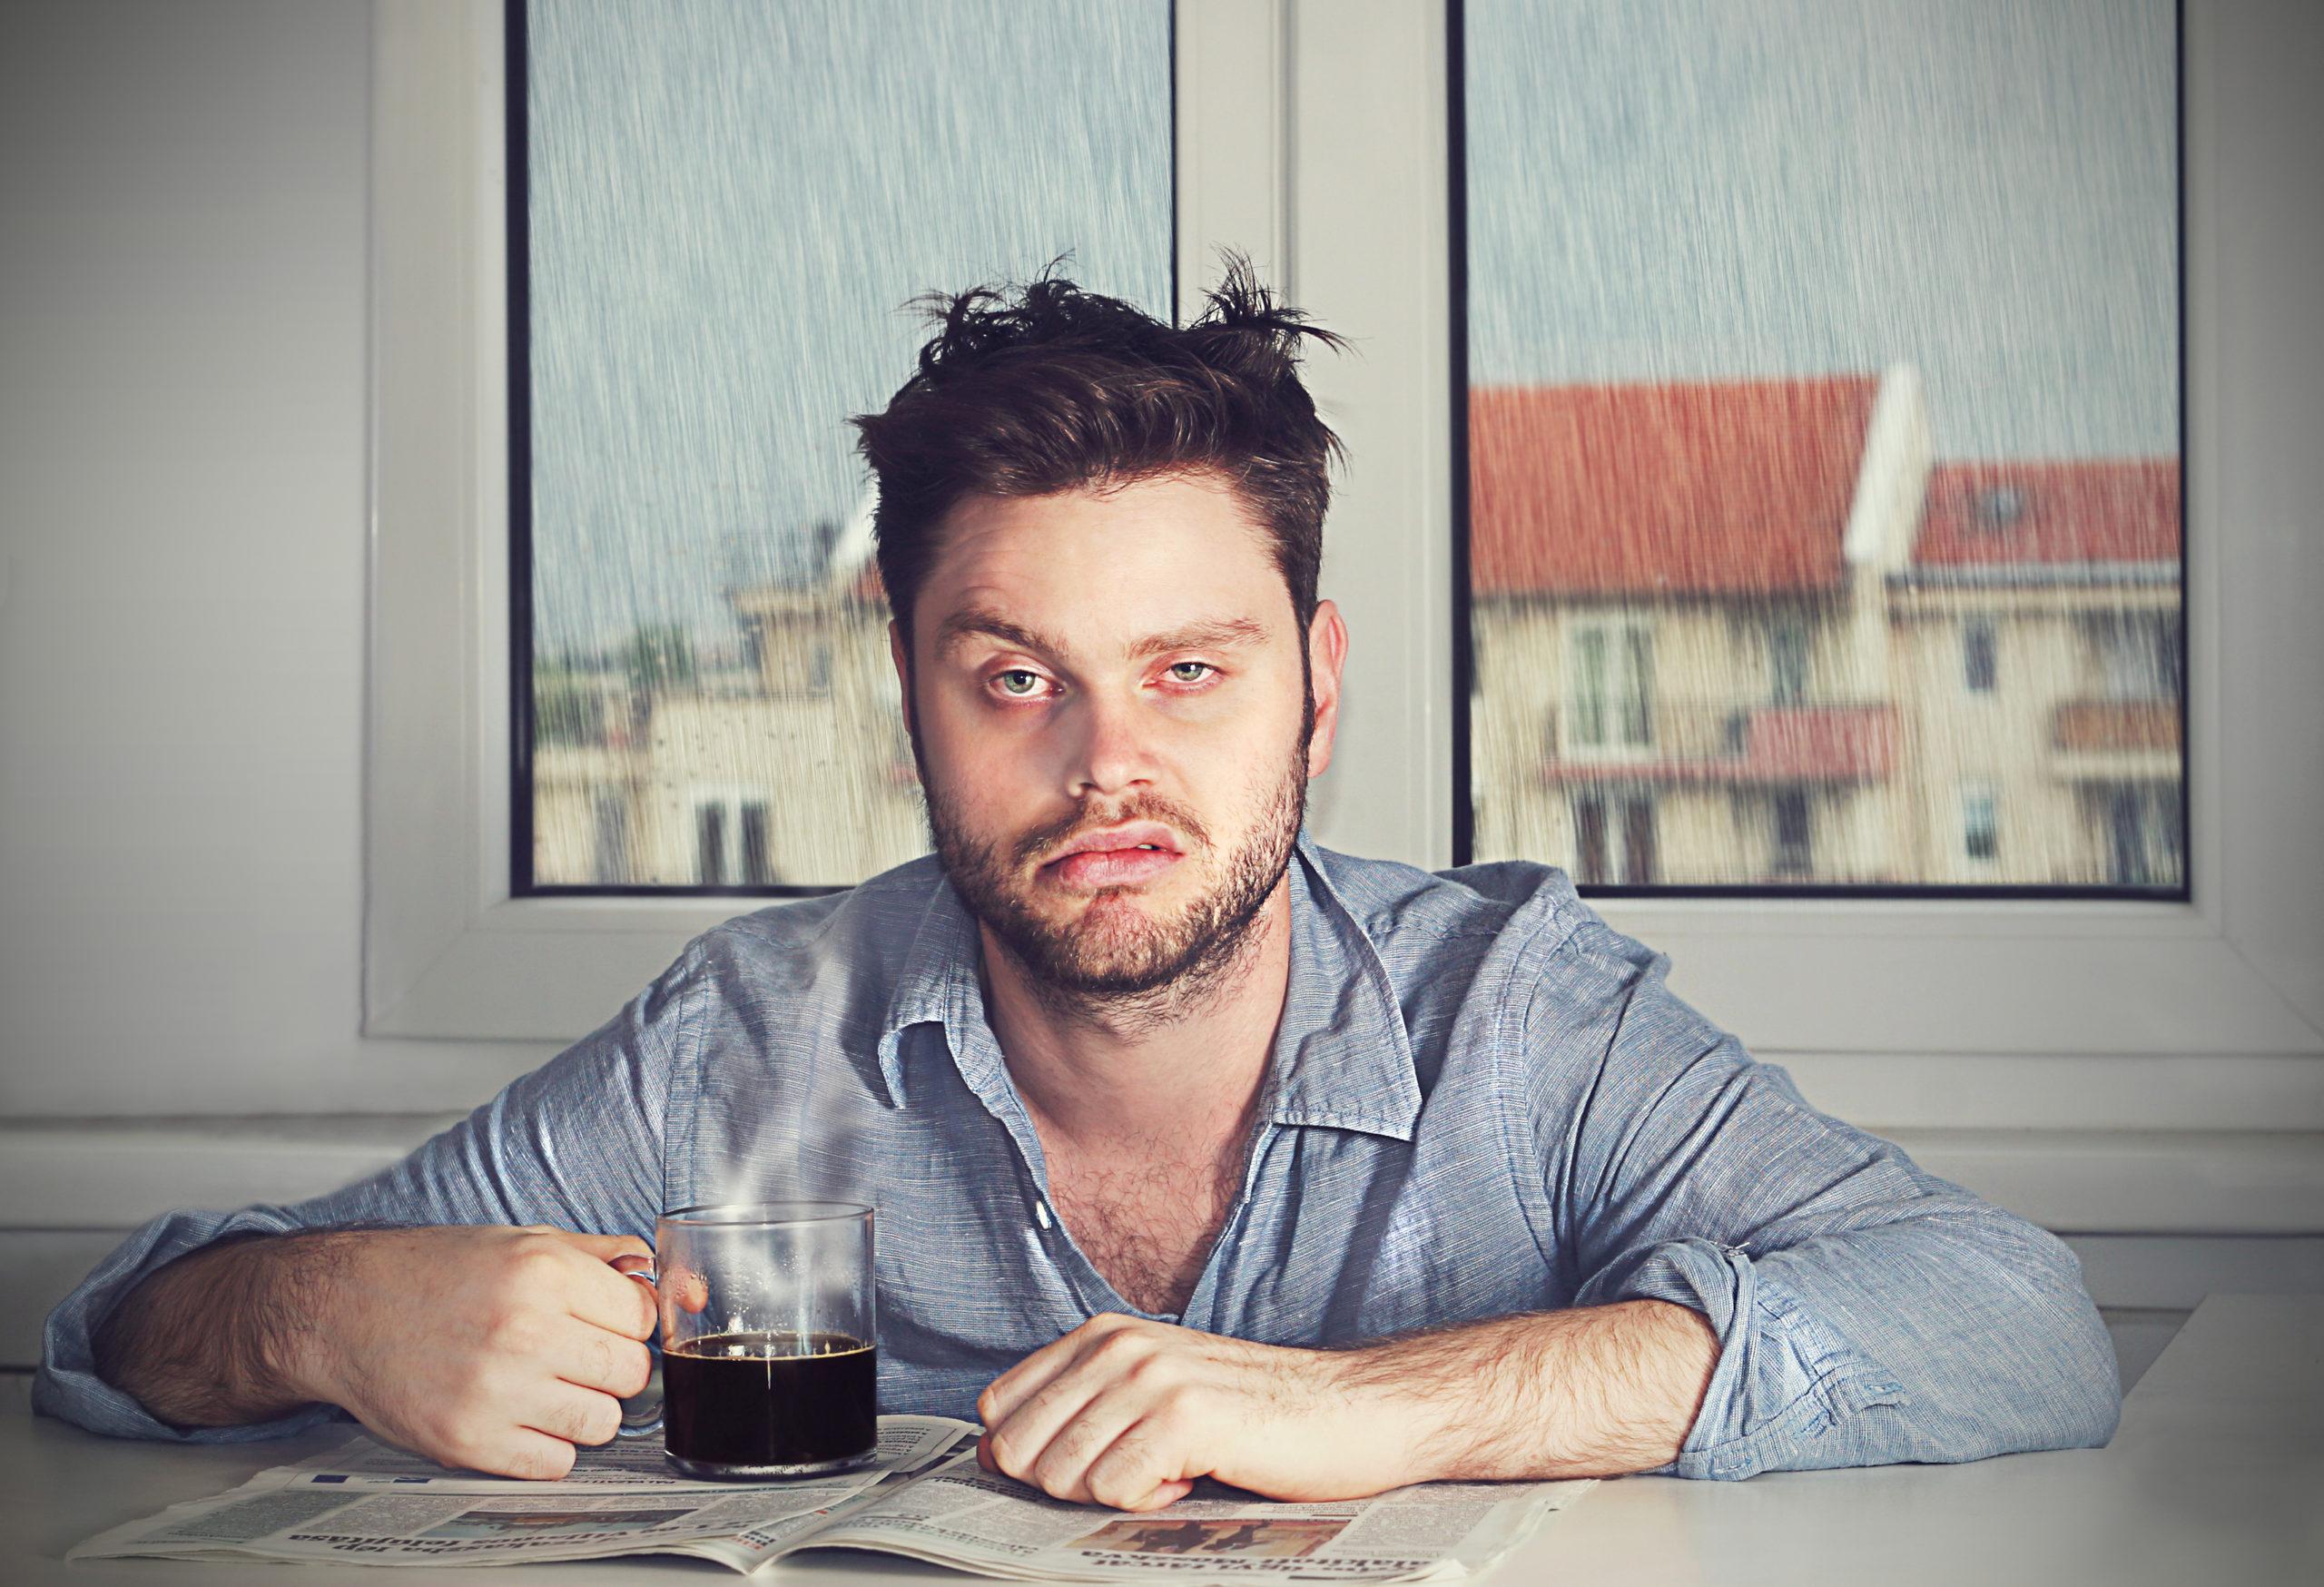 ¡Cuidado! Estos son los hábitos que pueden hacerte sentir cansado todo el tiempo